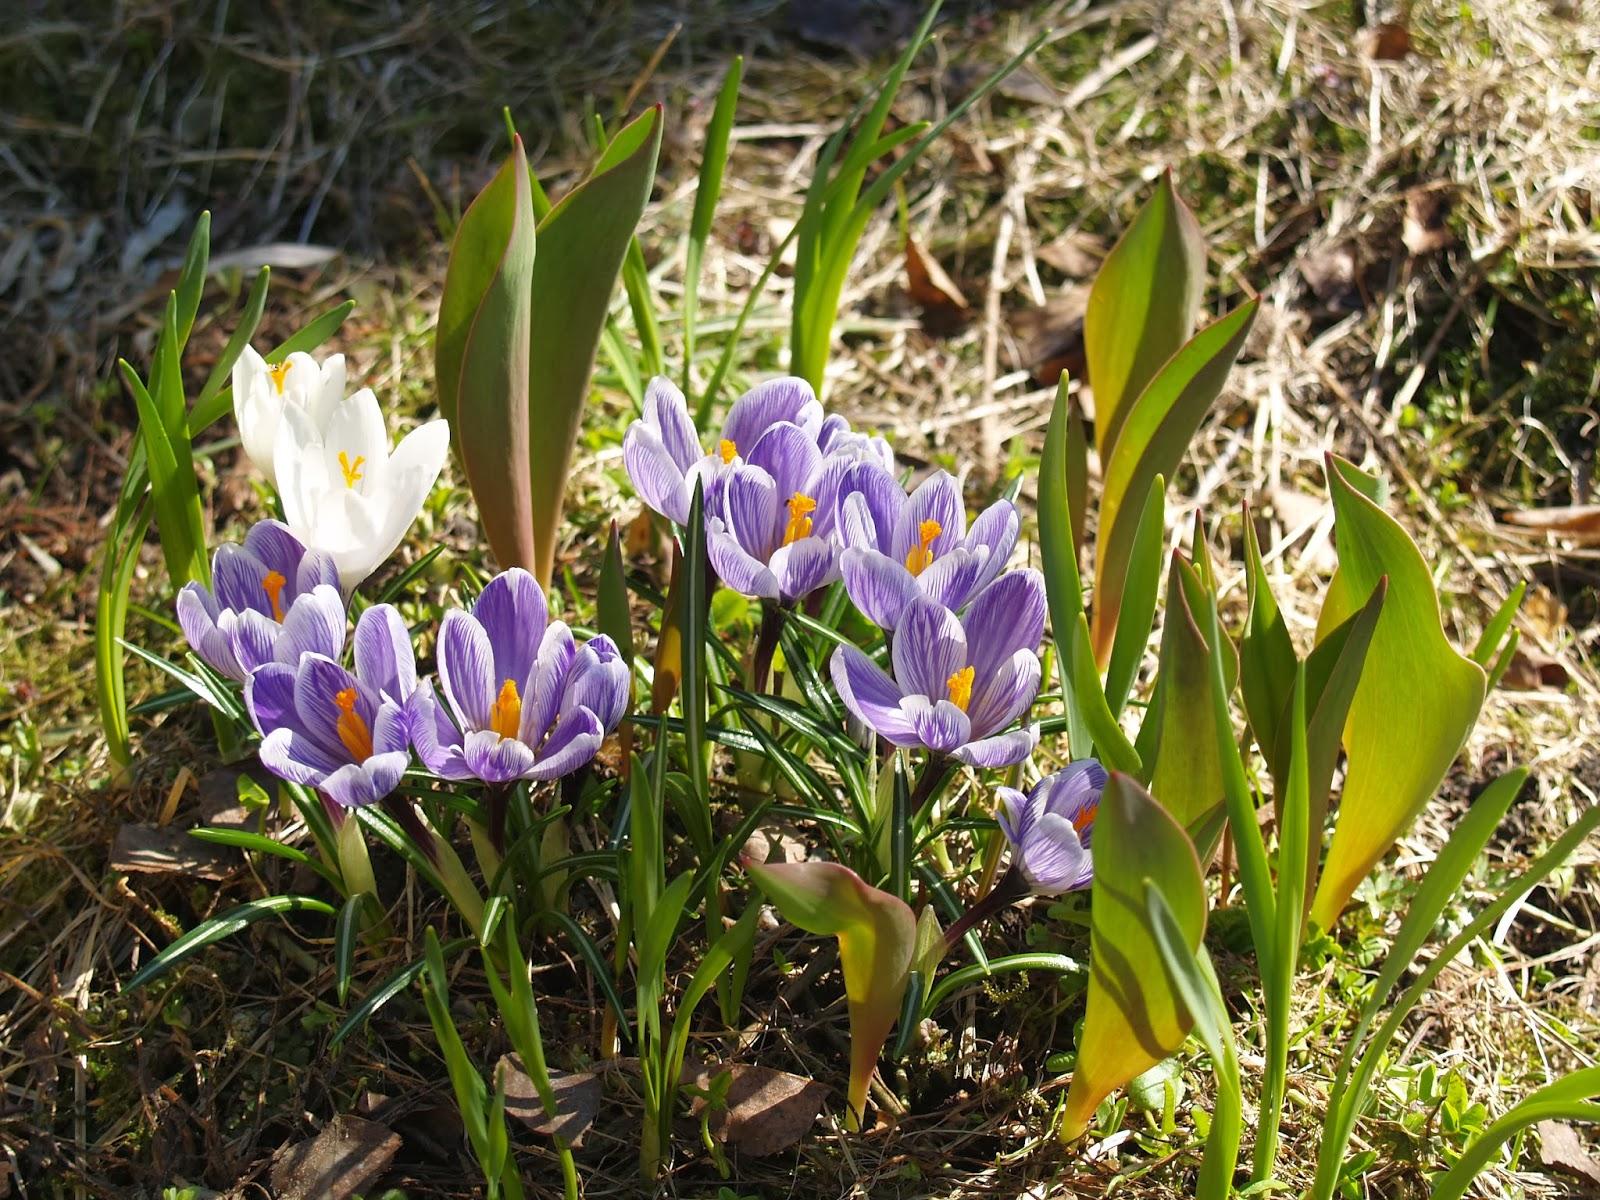 kevätsahrami